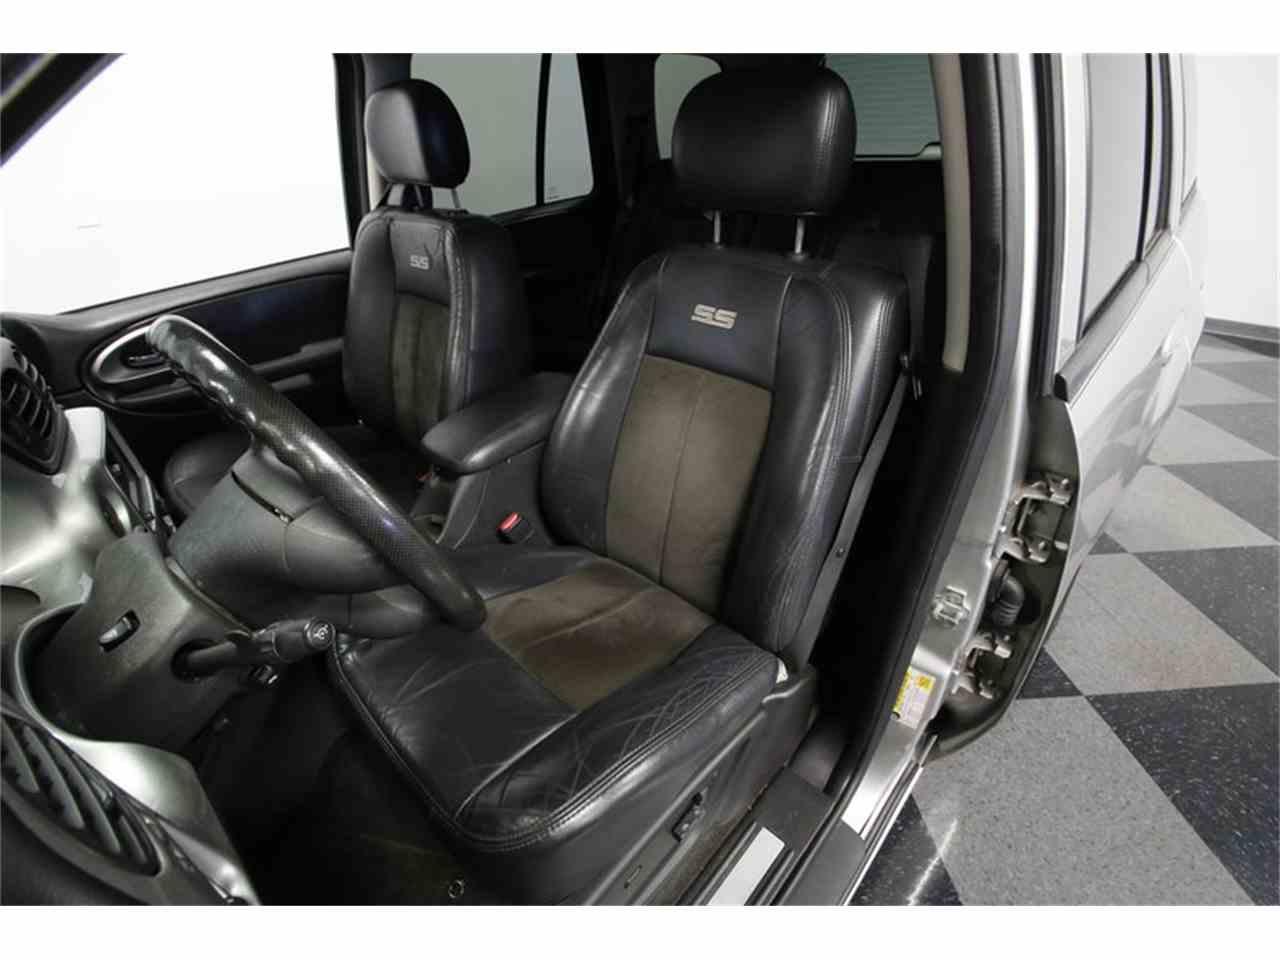 2006 Chevrolet Trailblazer for Sale | ClassicCars.com | CC-1040983